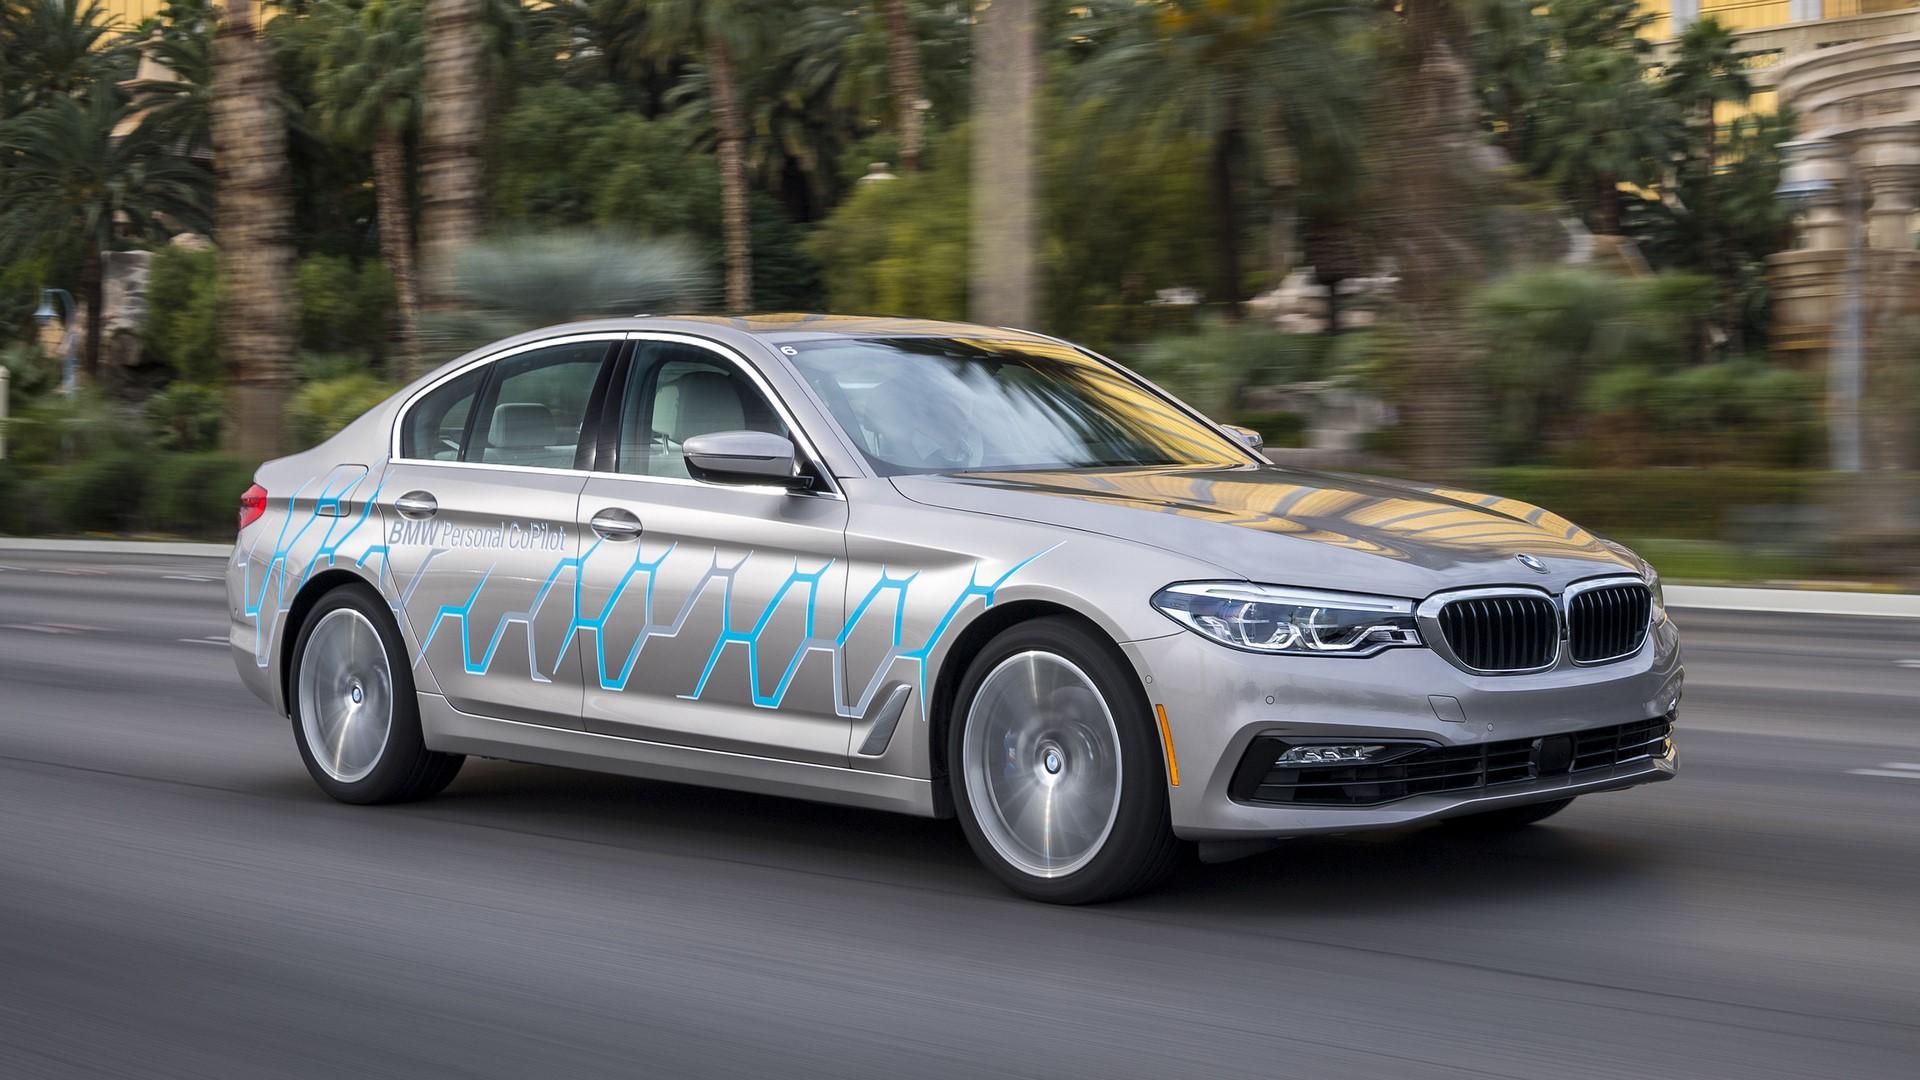 BMW 5 Series Autonomous Prototype (1)